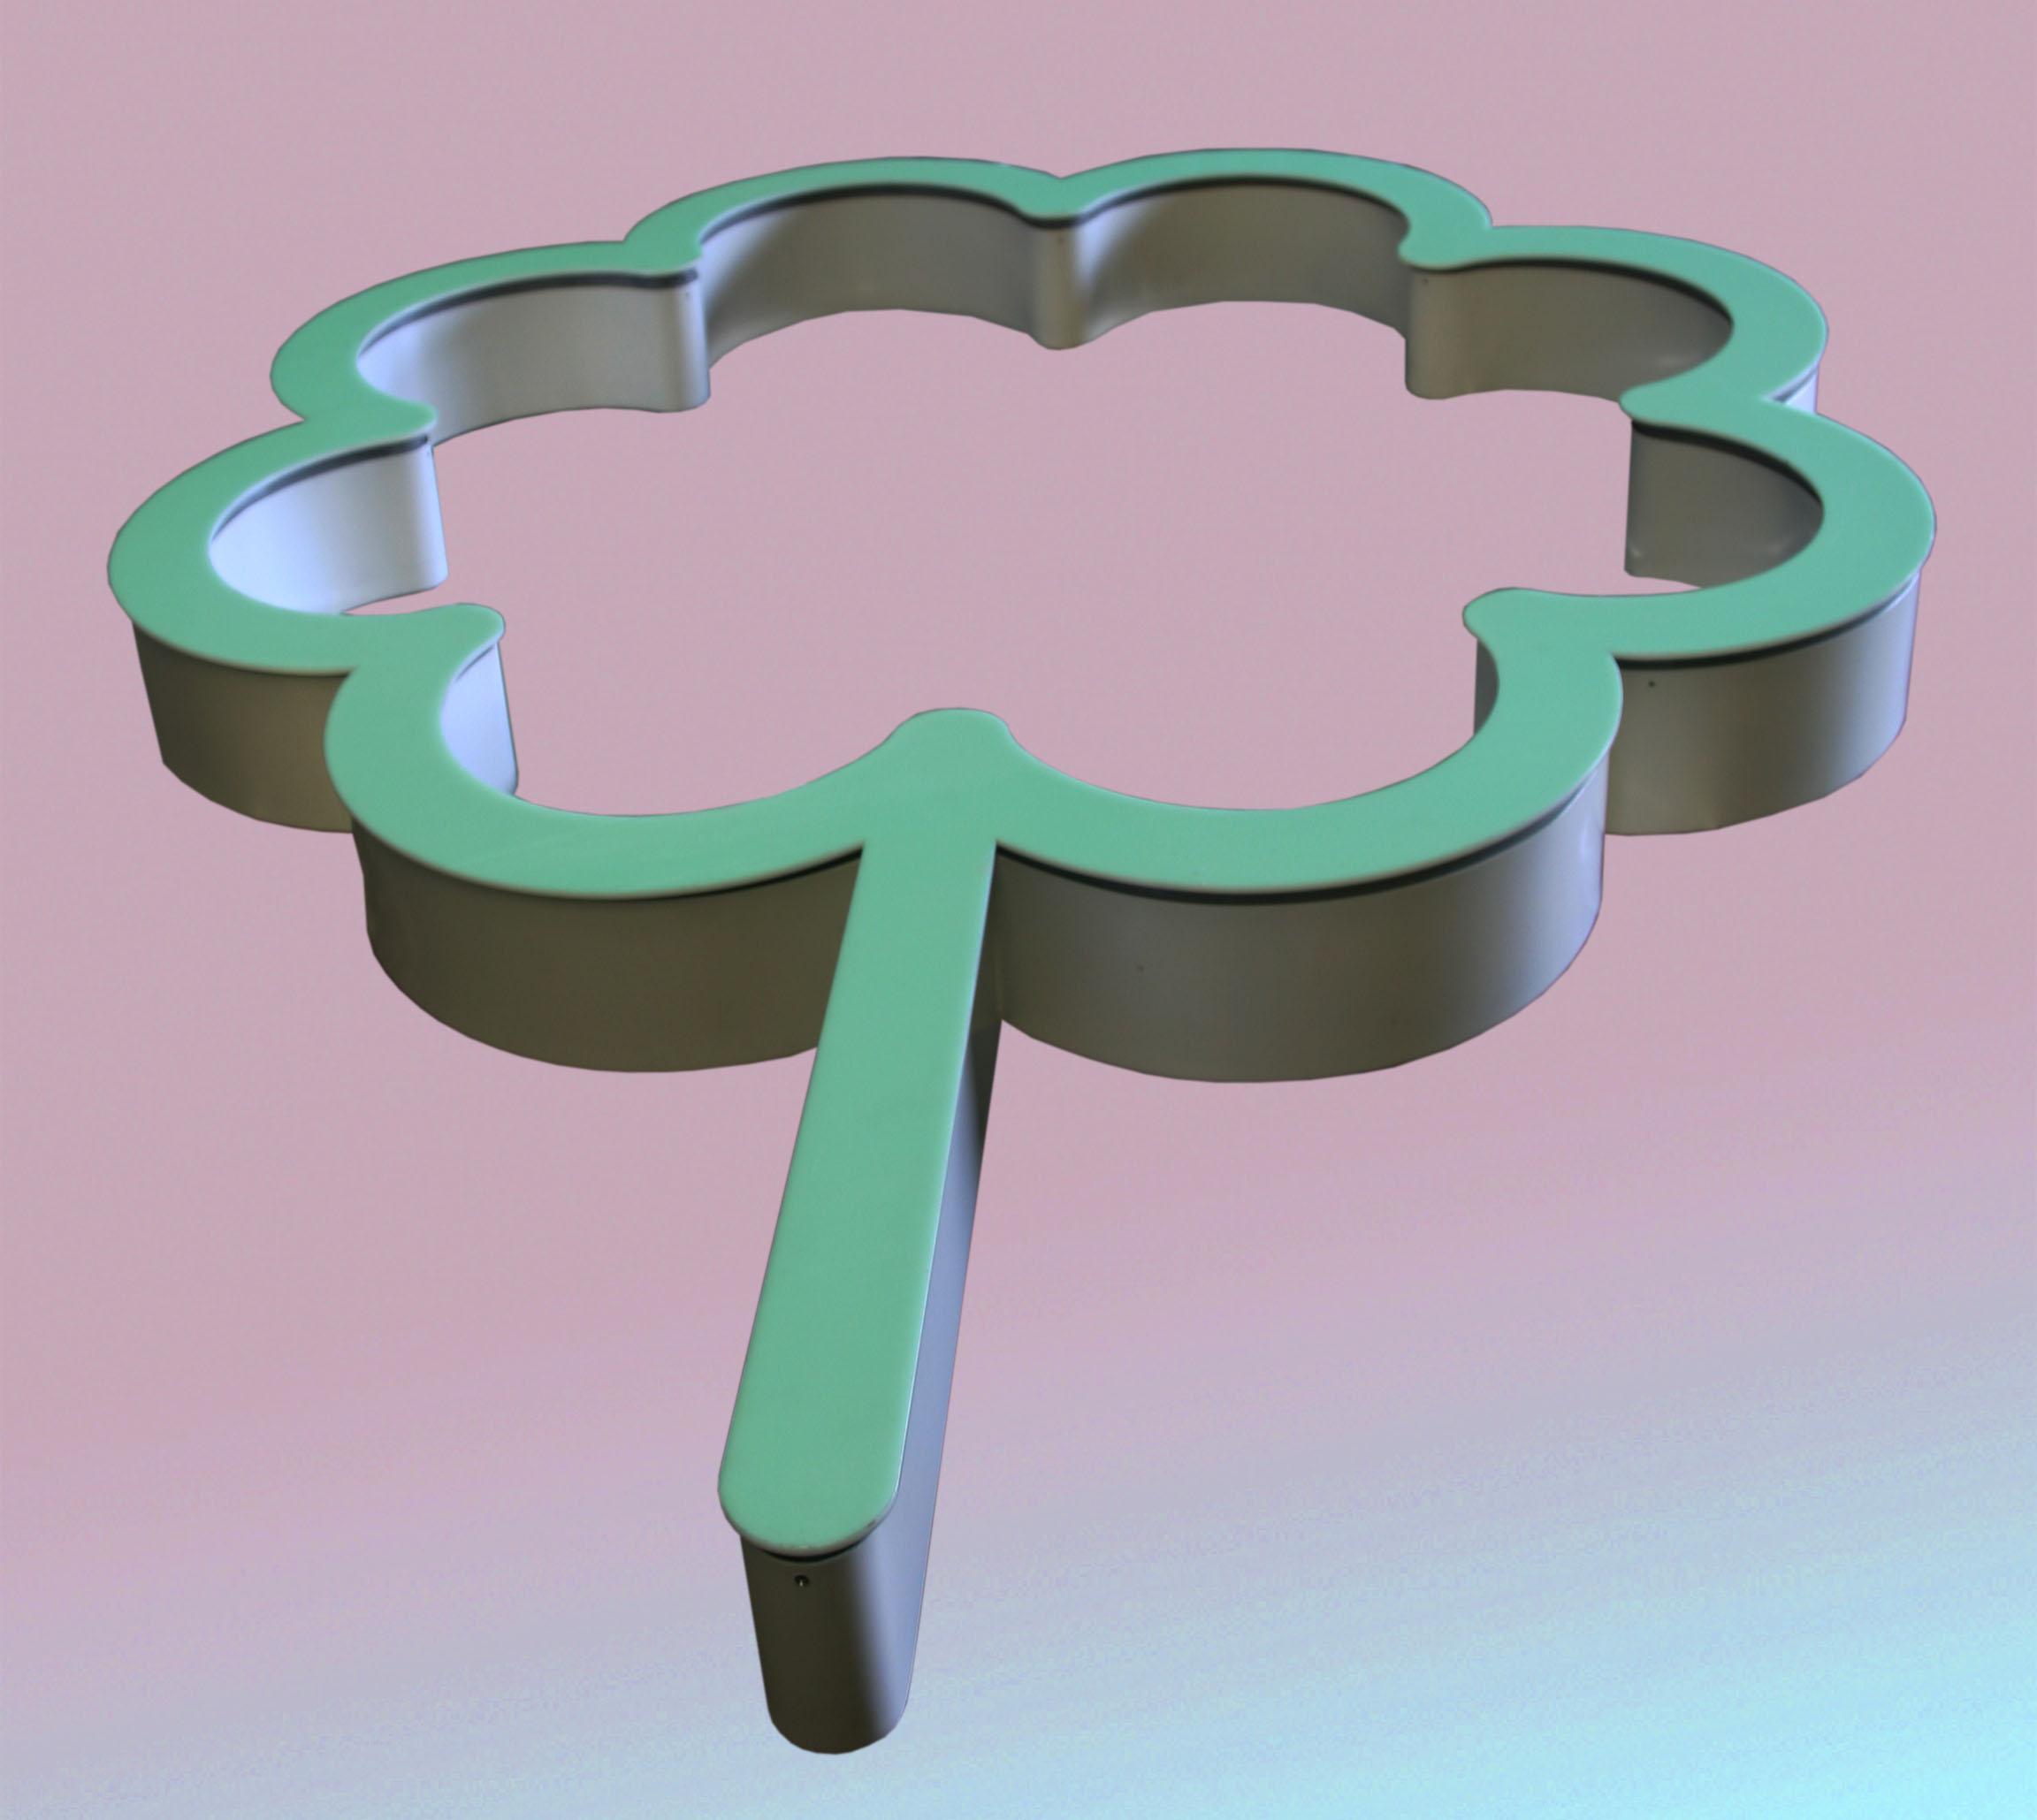 logotipo-corporeo-de-aluminio-frente-metacrilato-con-practil